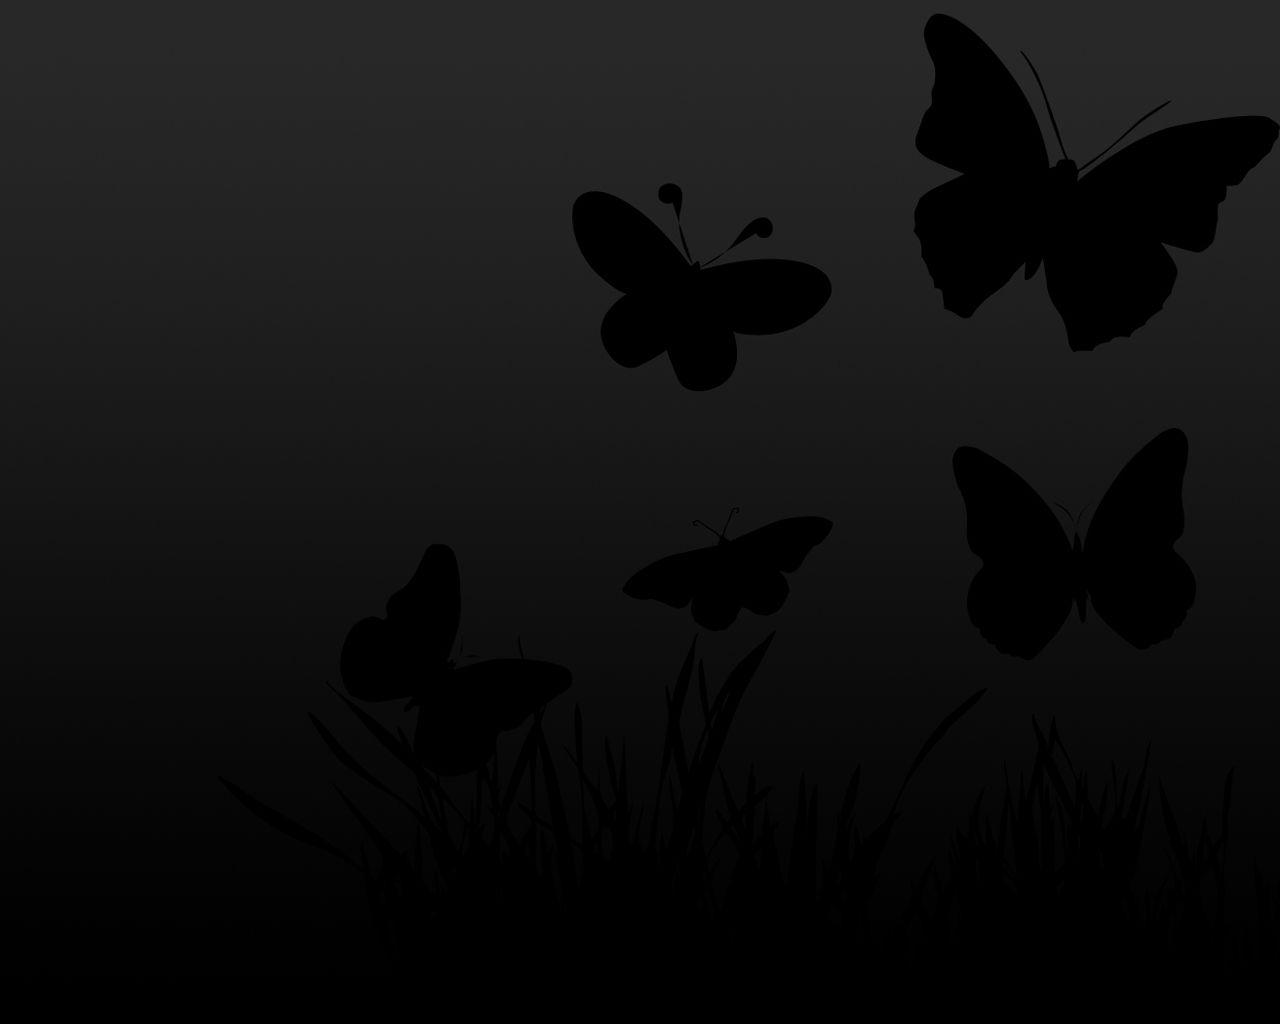 Black Butterfly Wallpaper 1280x1024 Jpg 1280 1024 Pixels Butterfly Wallpaper Backgrounds Butterfly Wallpaper Black Wallpaper